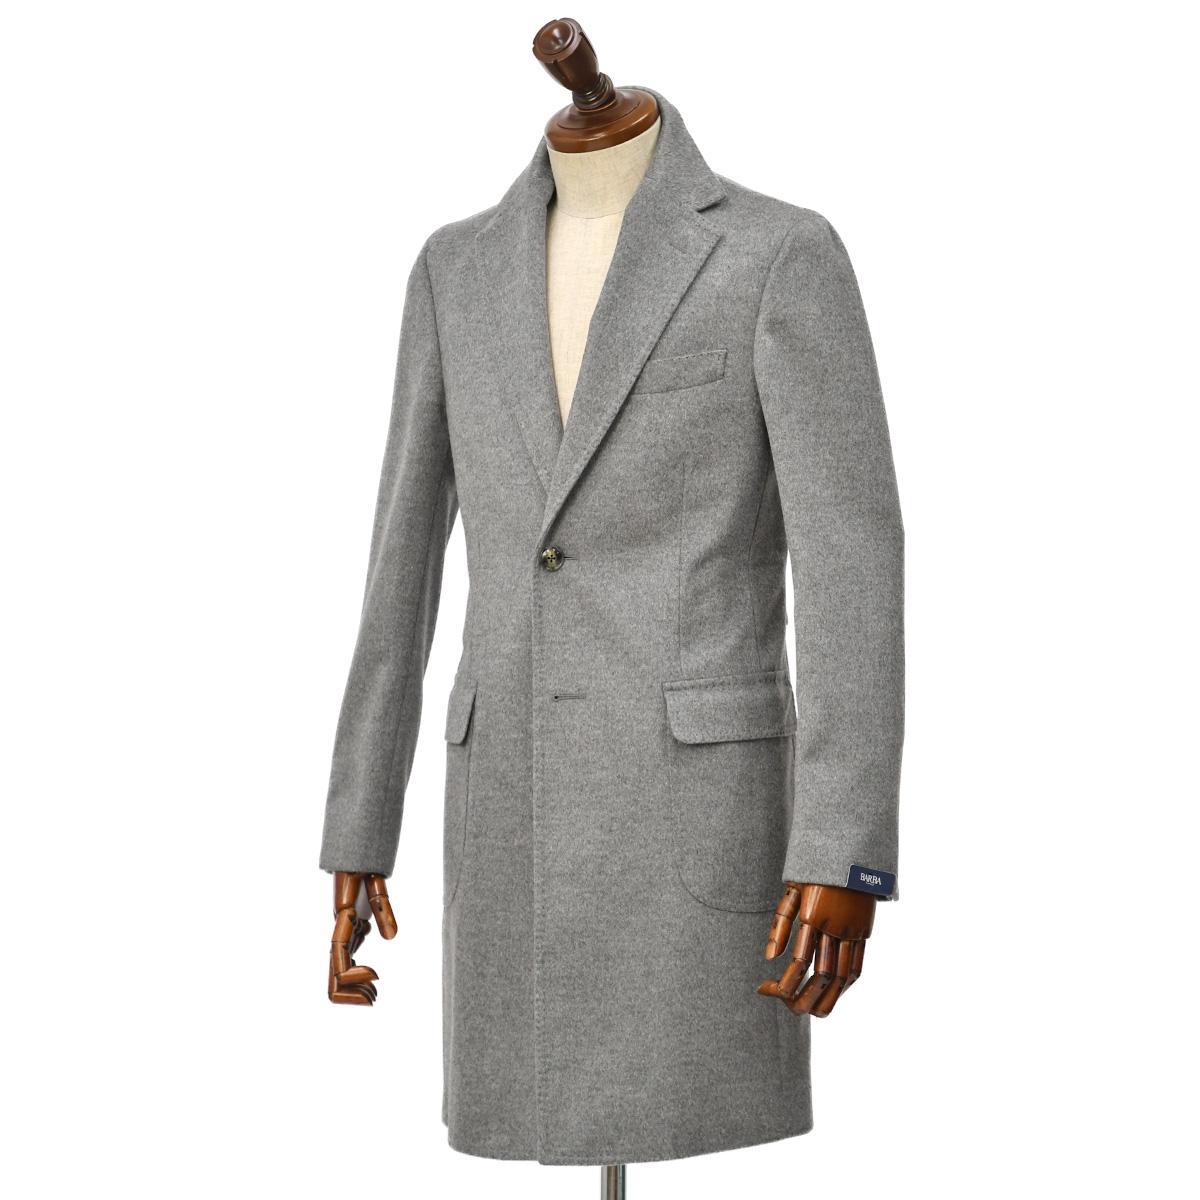 BARBA【バルバ】カシミアシングルチェスターコートをご紹介致します。